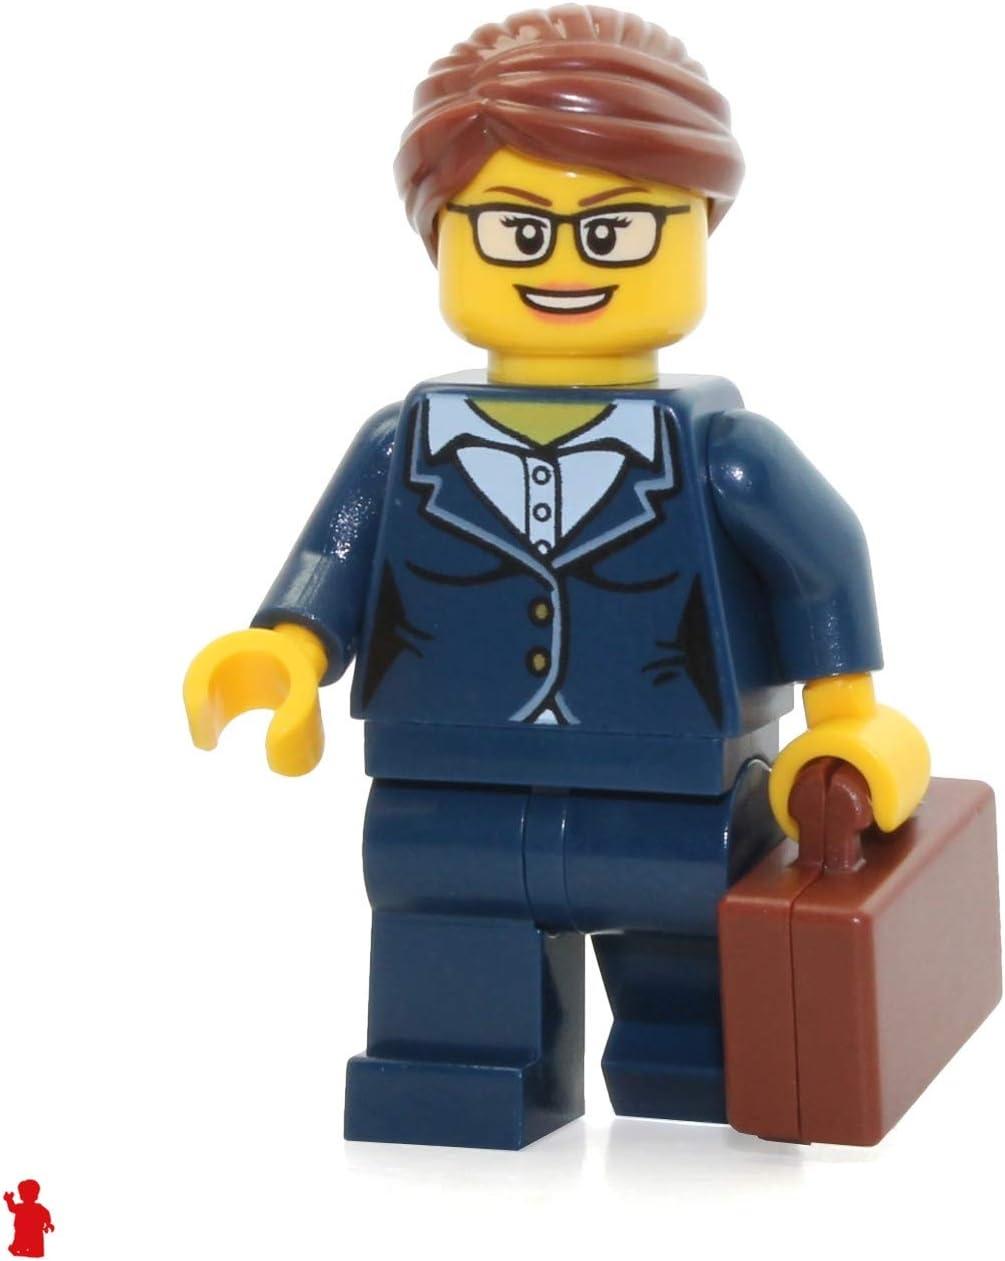 LEGO City Minifigure: Businesswoman (Dark Blue Pants Suit, Glasses) 60134